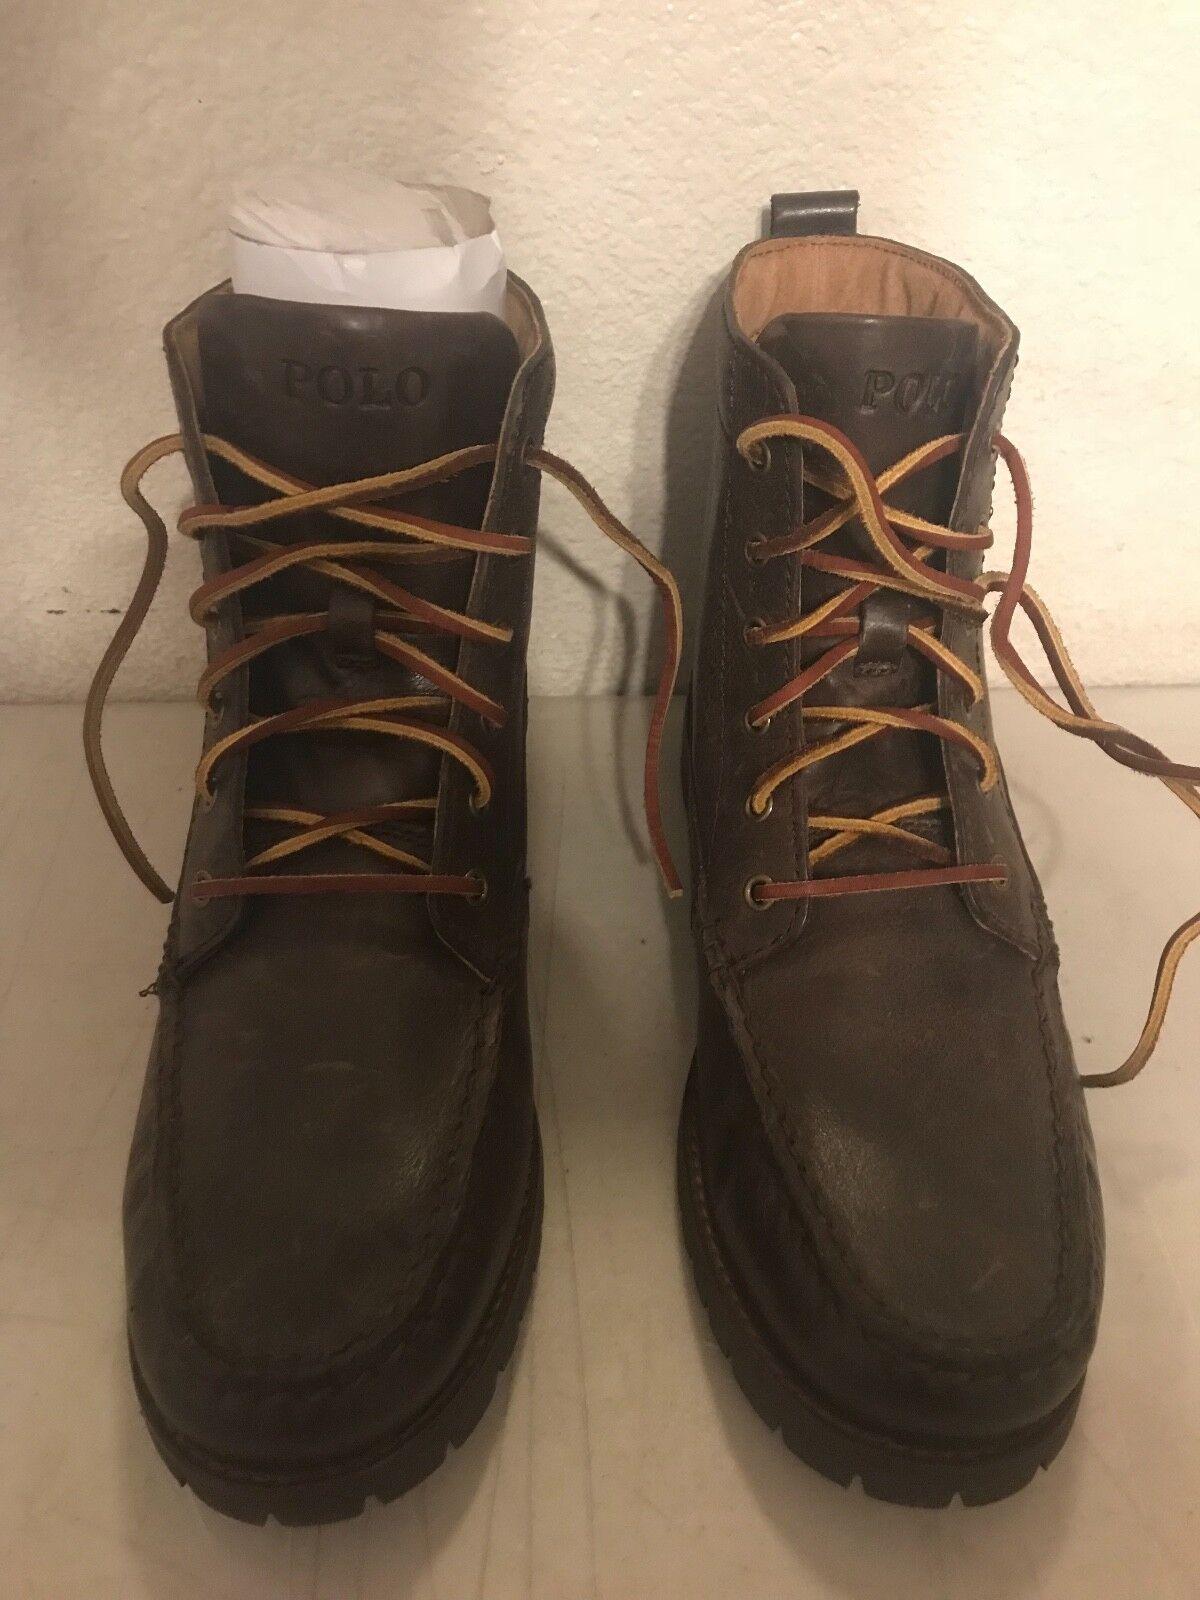 Para hombres Polo Ralph Lauren  Rodway-Bo-Csl  botas de cuero marrón (tamaño  7.5M)